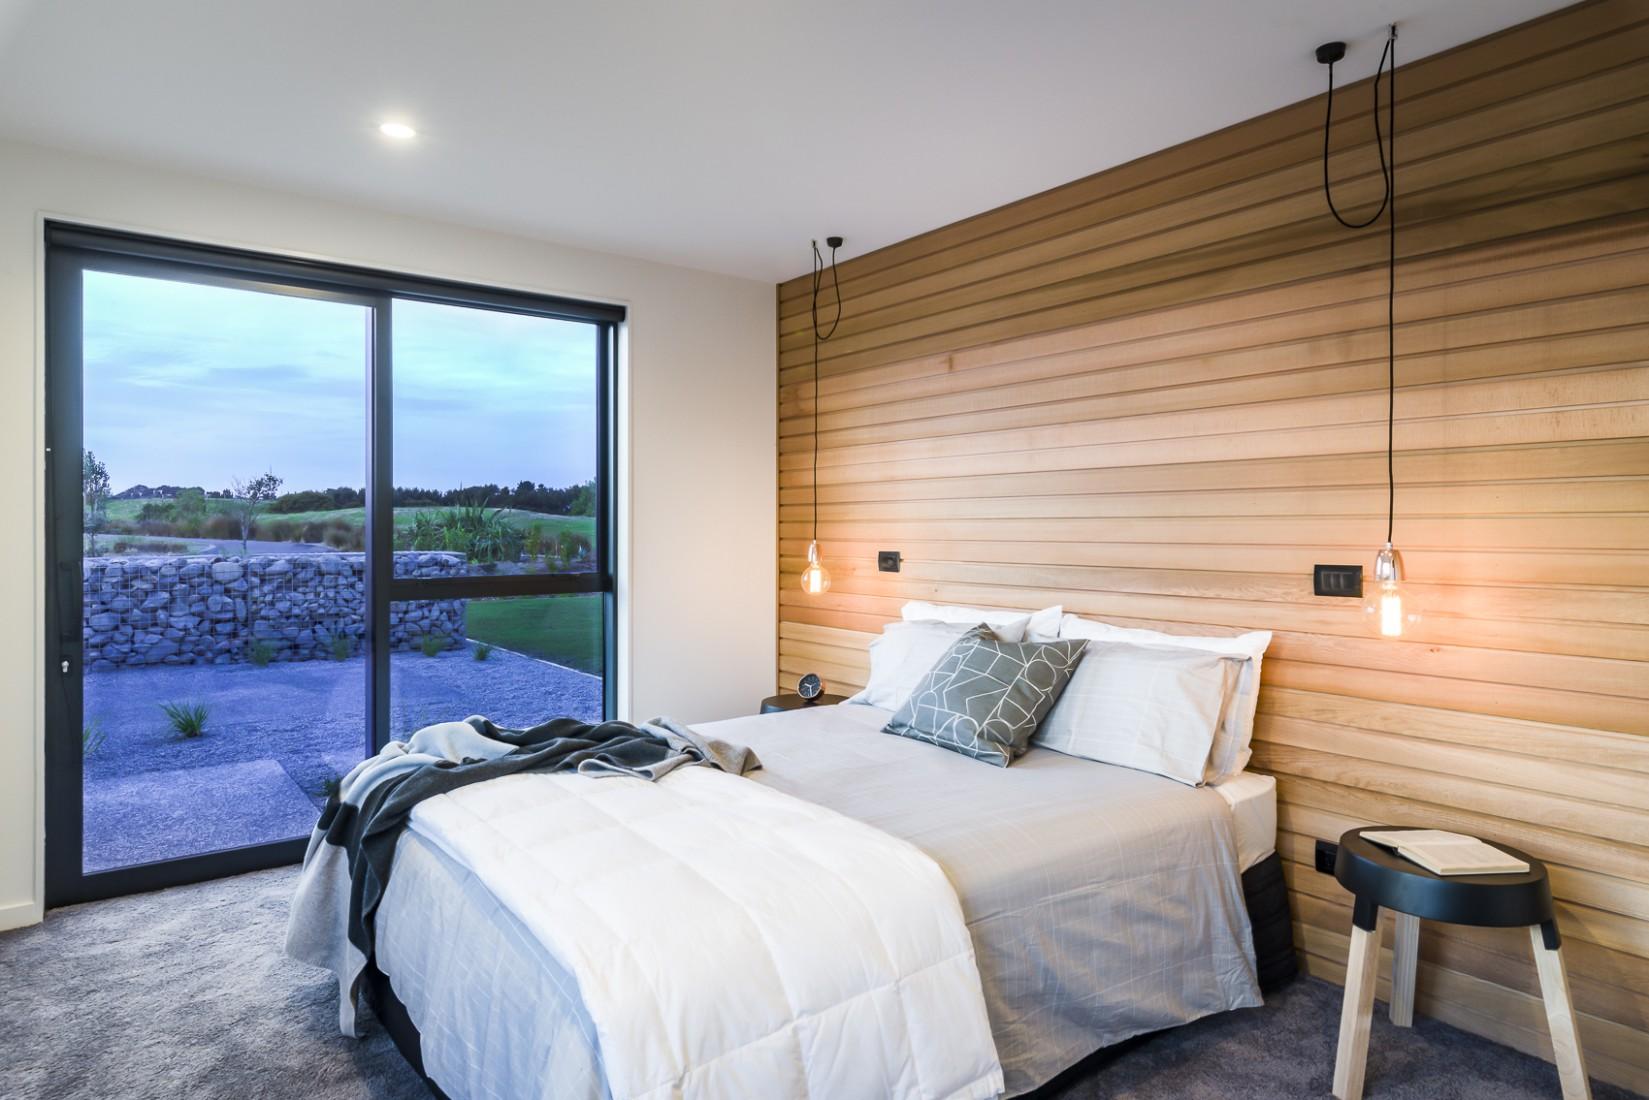 Bedroom  Inspiration  Modern Bedroom Design Ideas 9 - Bedroom Ideas Nz